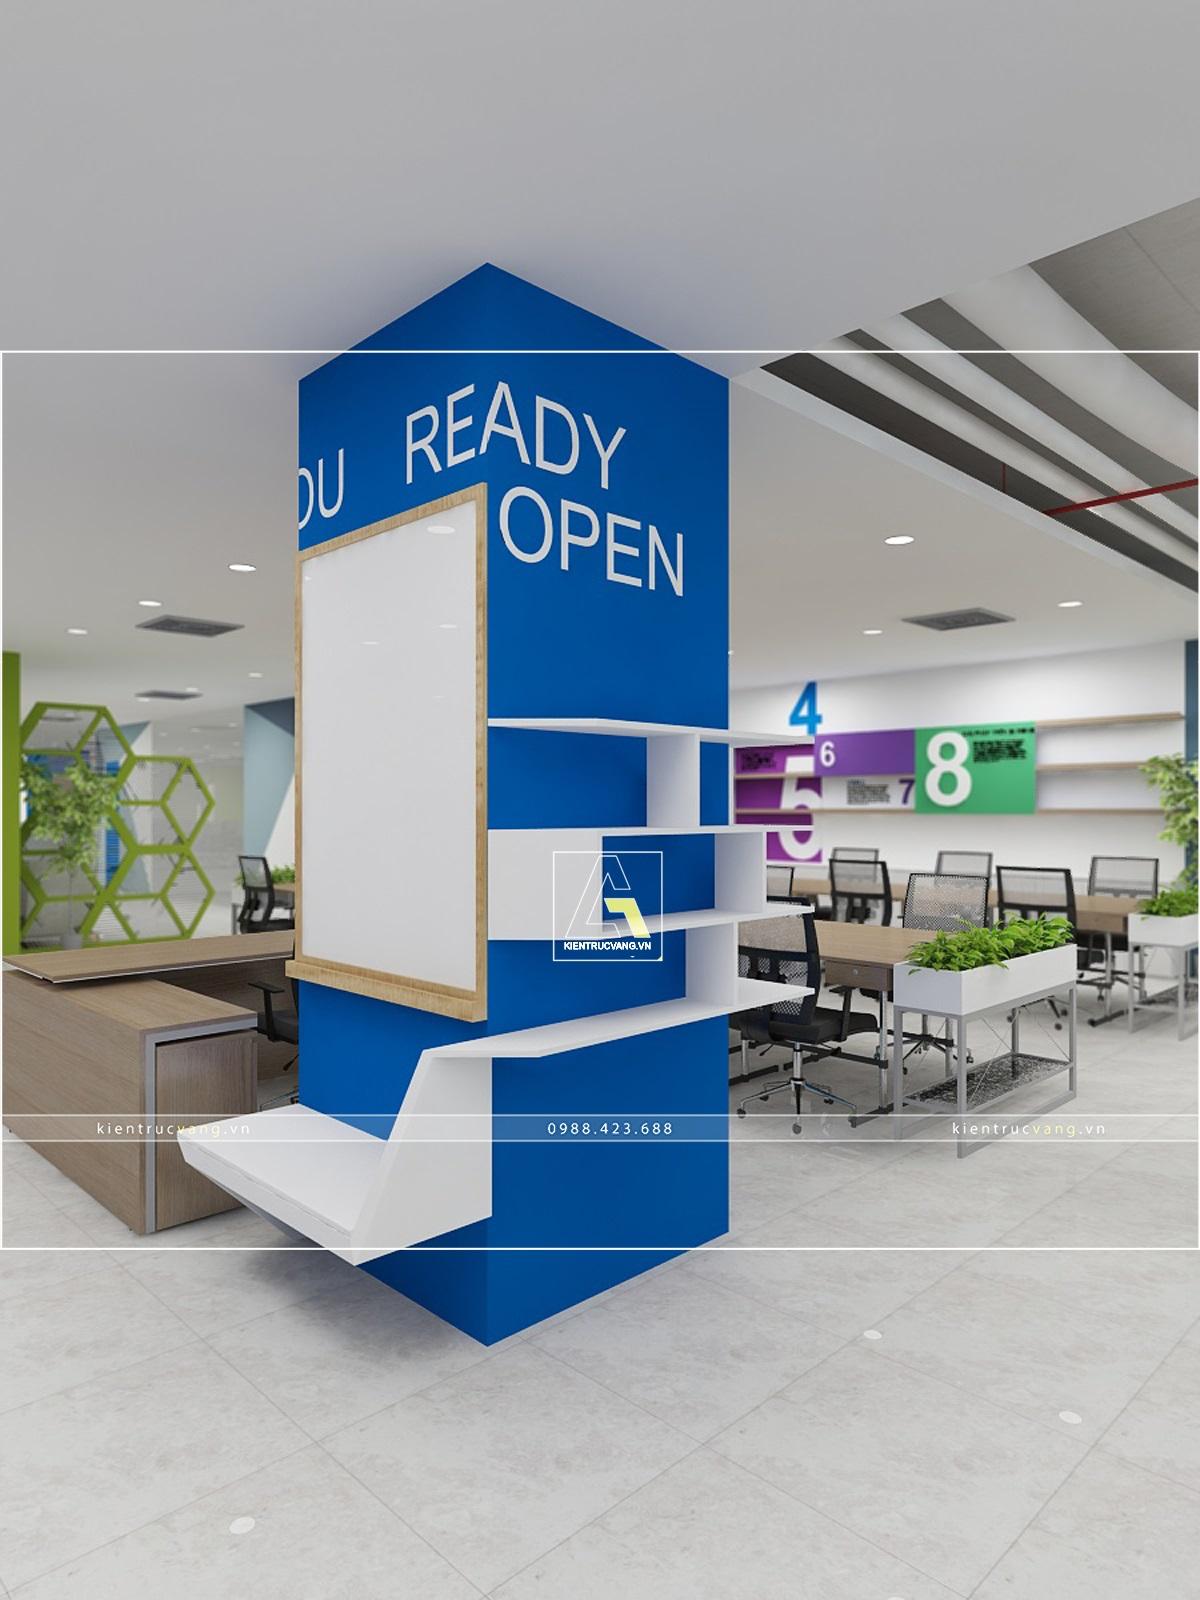 thiết kế nội thất Văn Phòng tại Hà Nội Thiết kế nội thất văn phòng VTC Mobile Hà Nội 24 1530872957